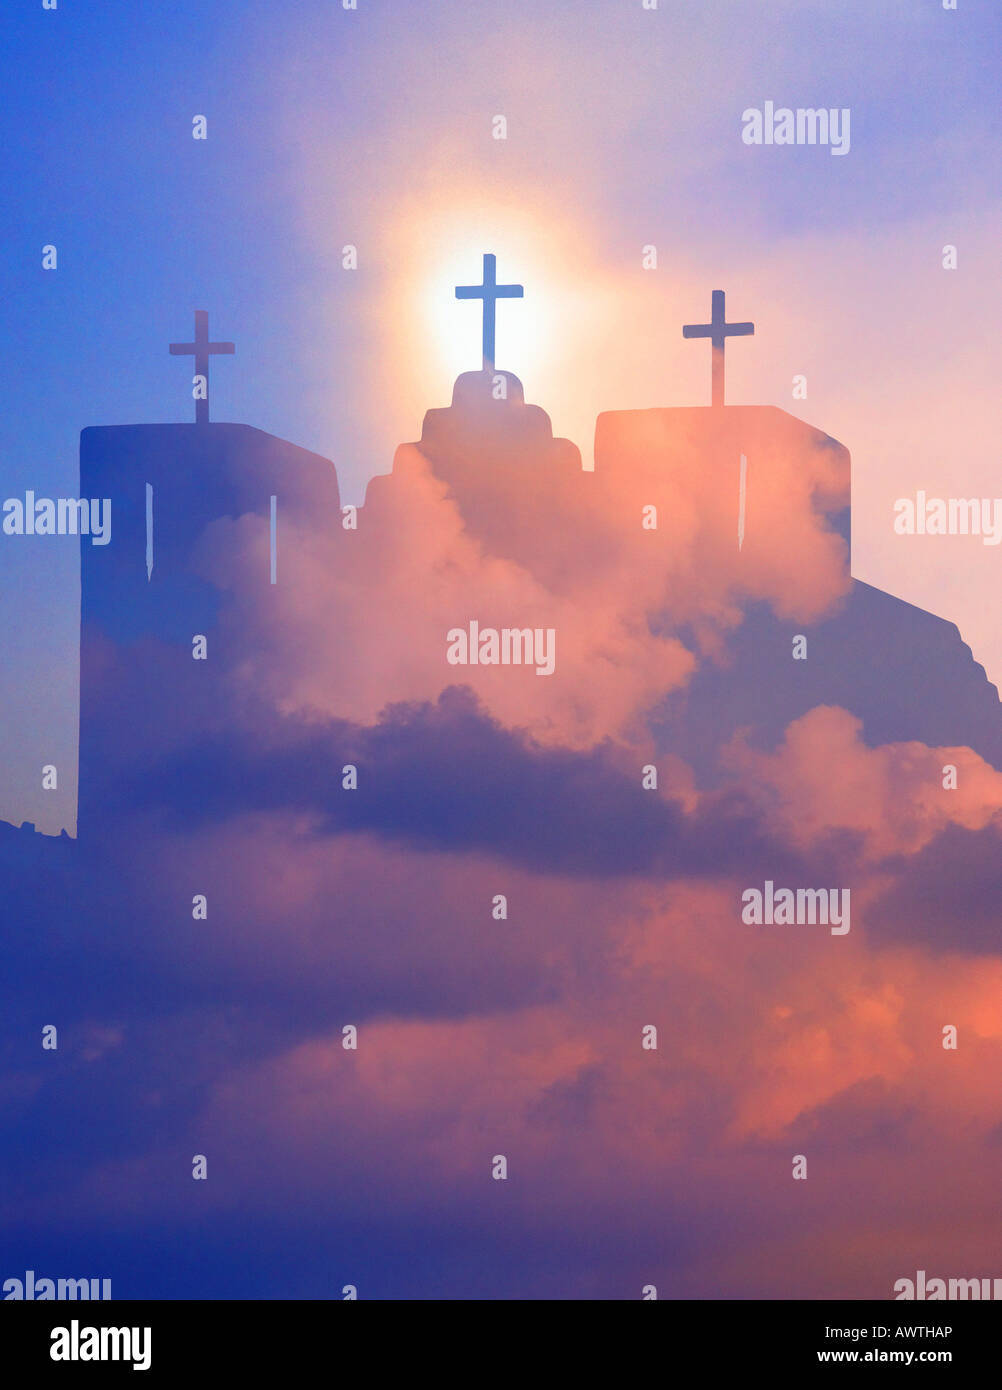 Chiesa con tre croci, Nuovo Messico Immagini Stock